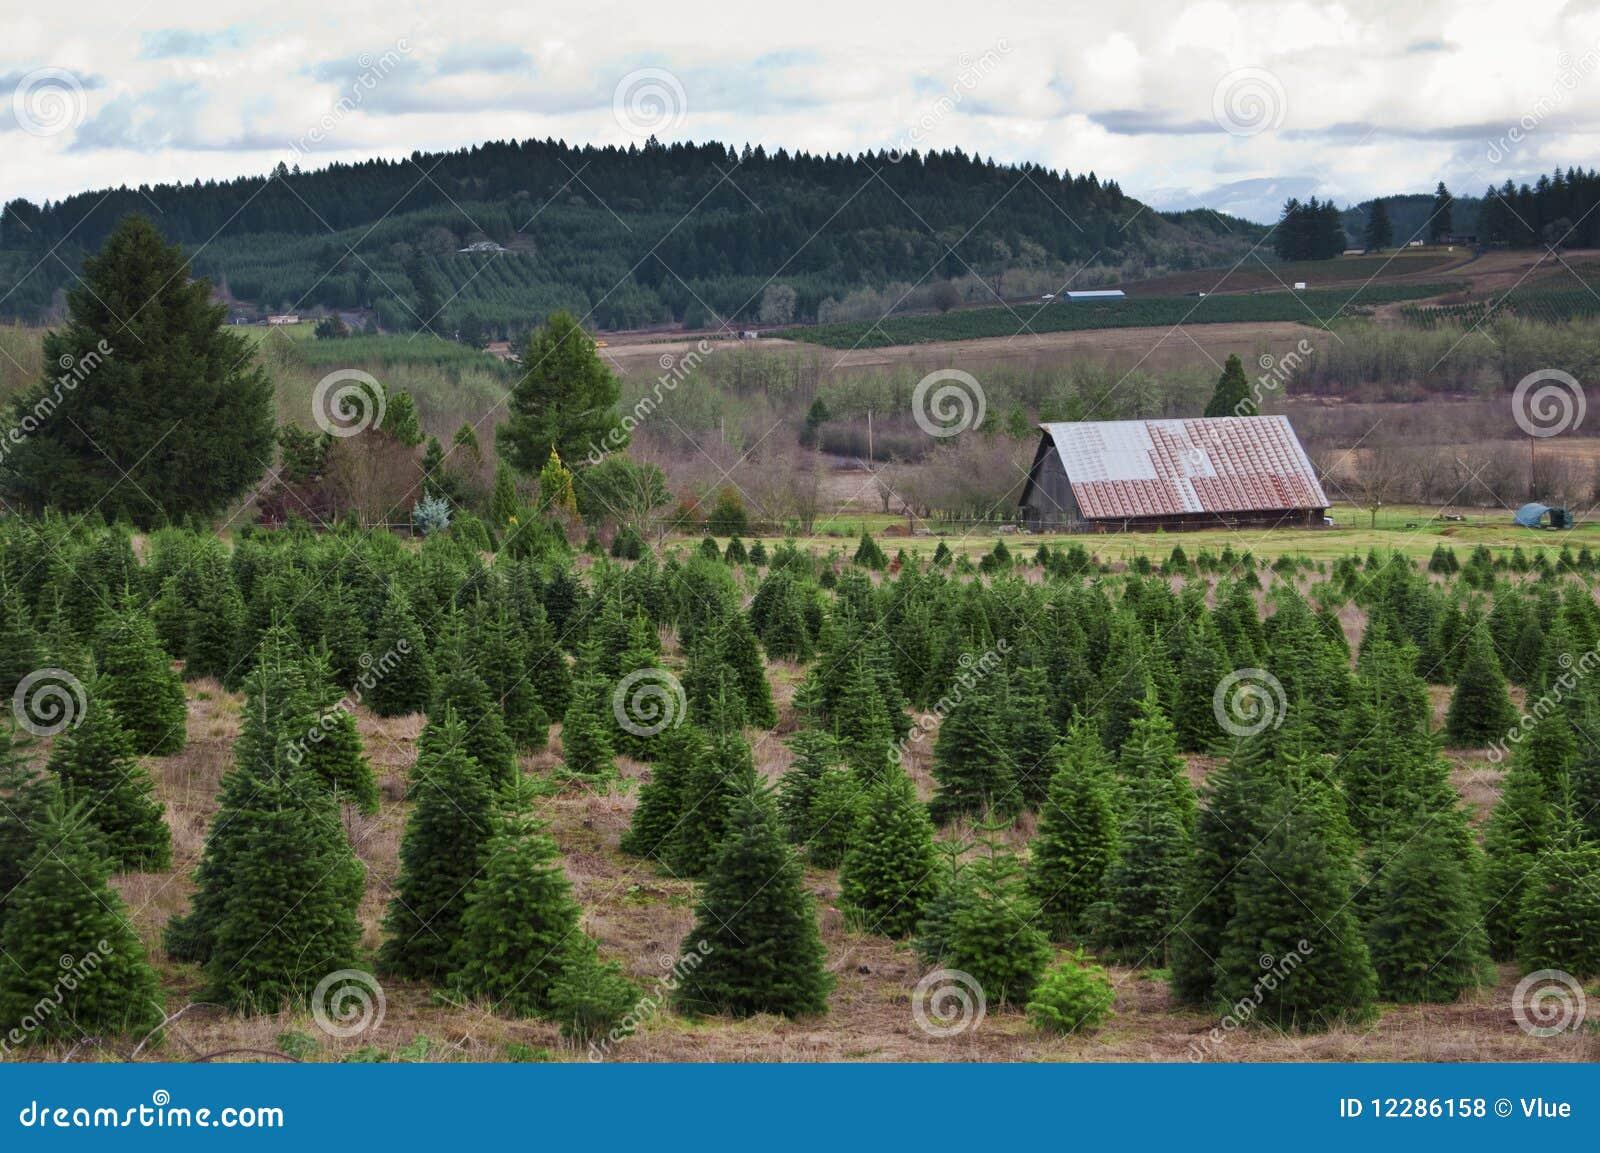 Pine Valley Christmas Tree Farm